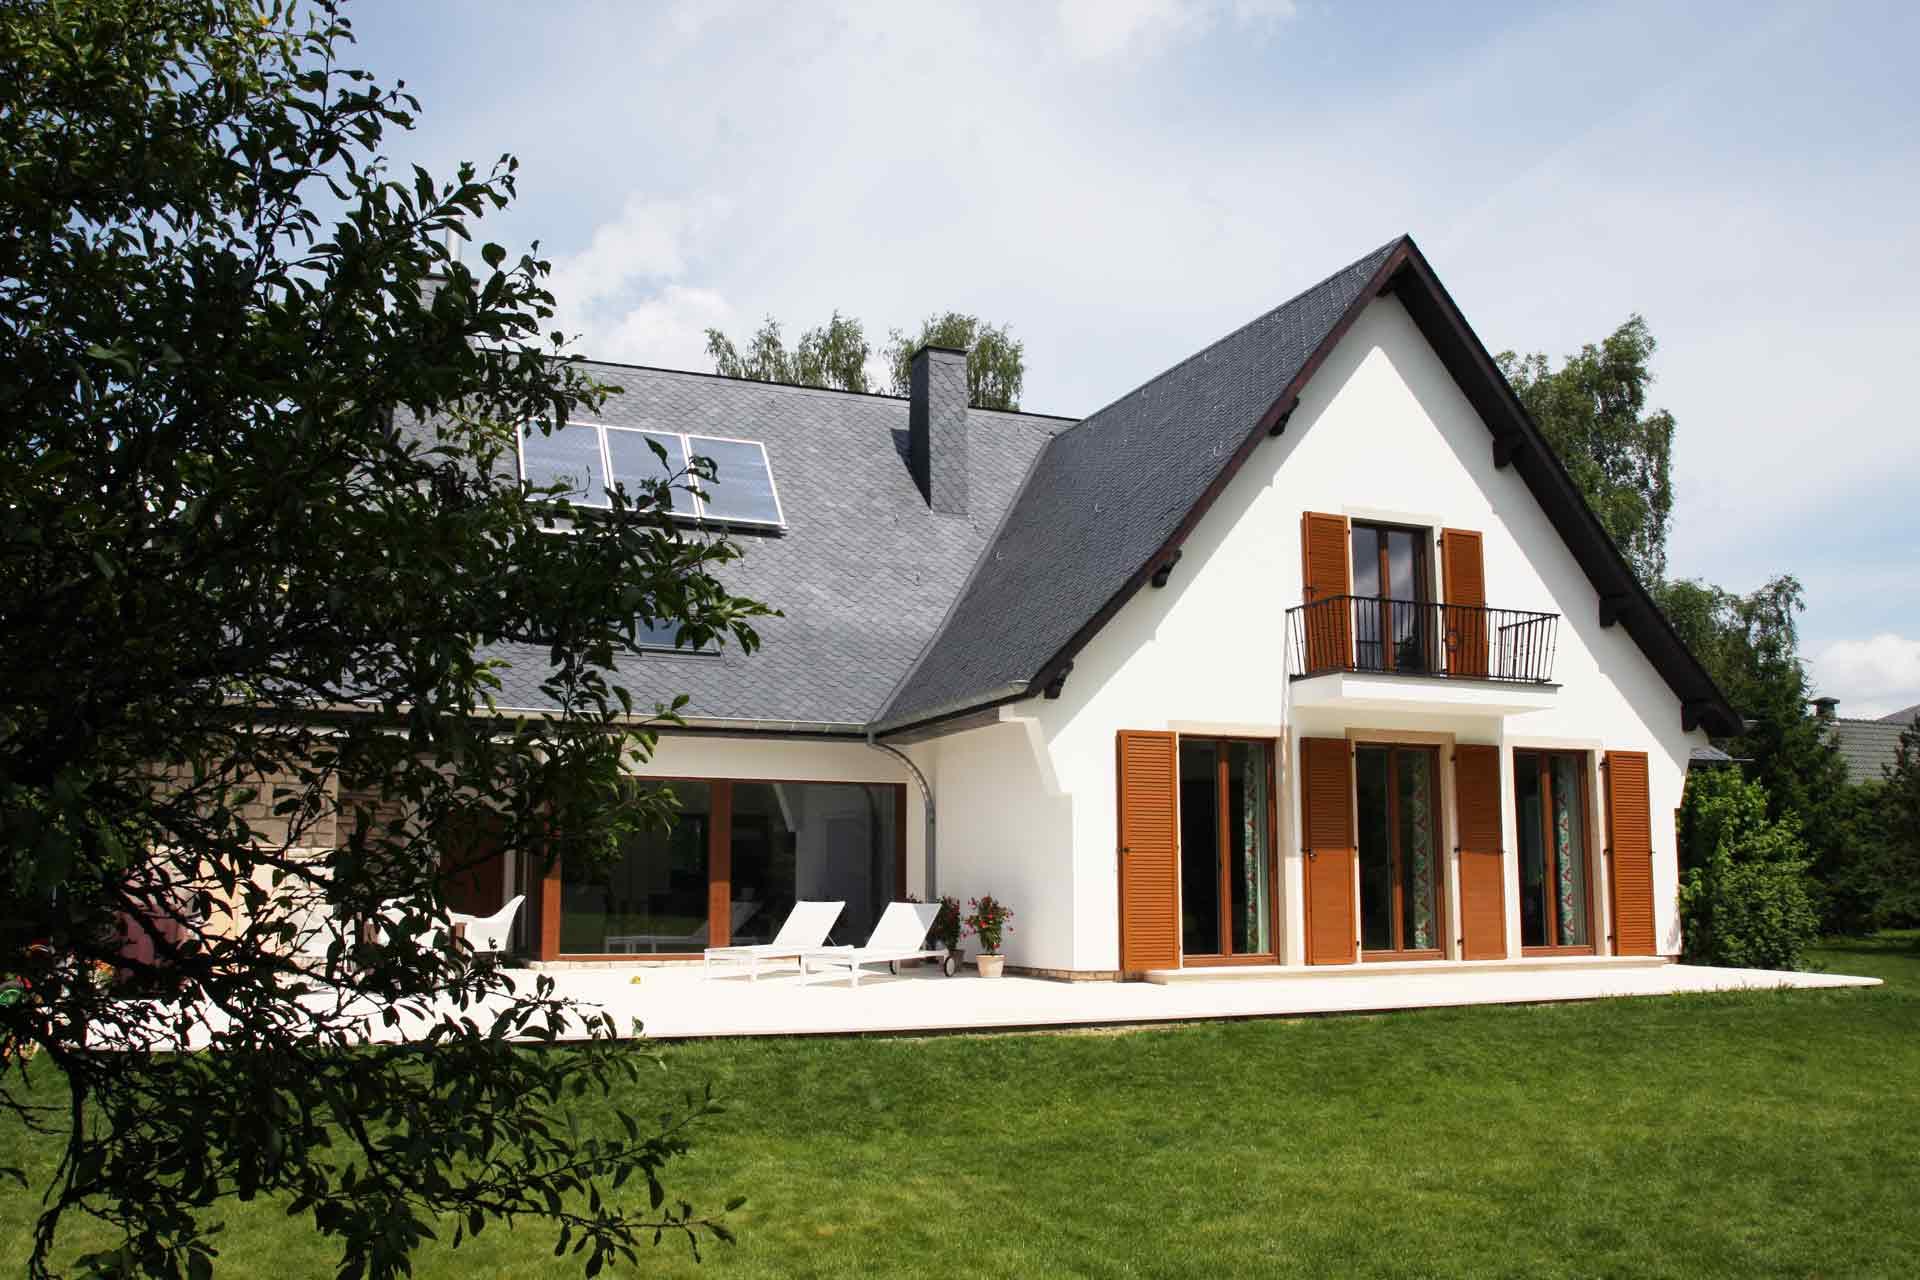 Rückseite von links gesehen man sieht ein großes weißes Haus mit Coplaning Holzfenster und Fenstertüren mit Klappläden aus Holz mit integrierten Jalousien.